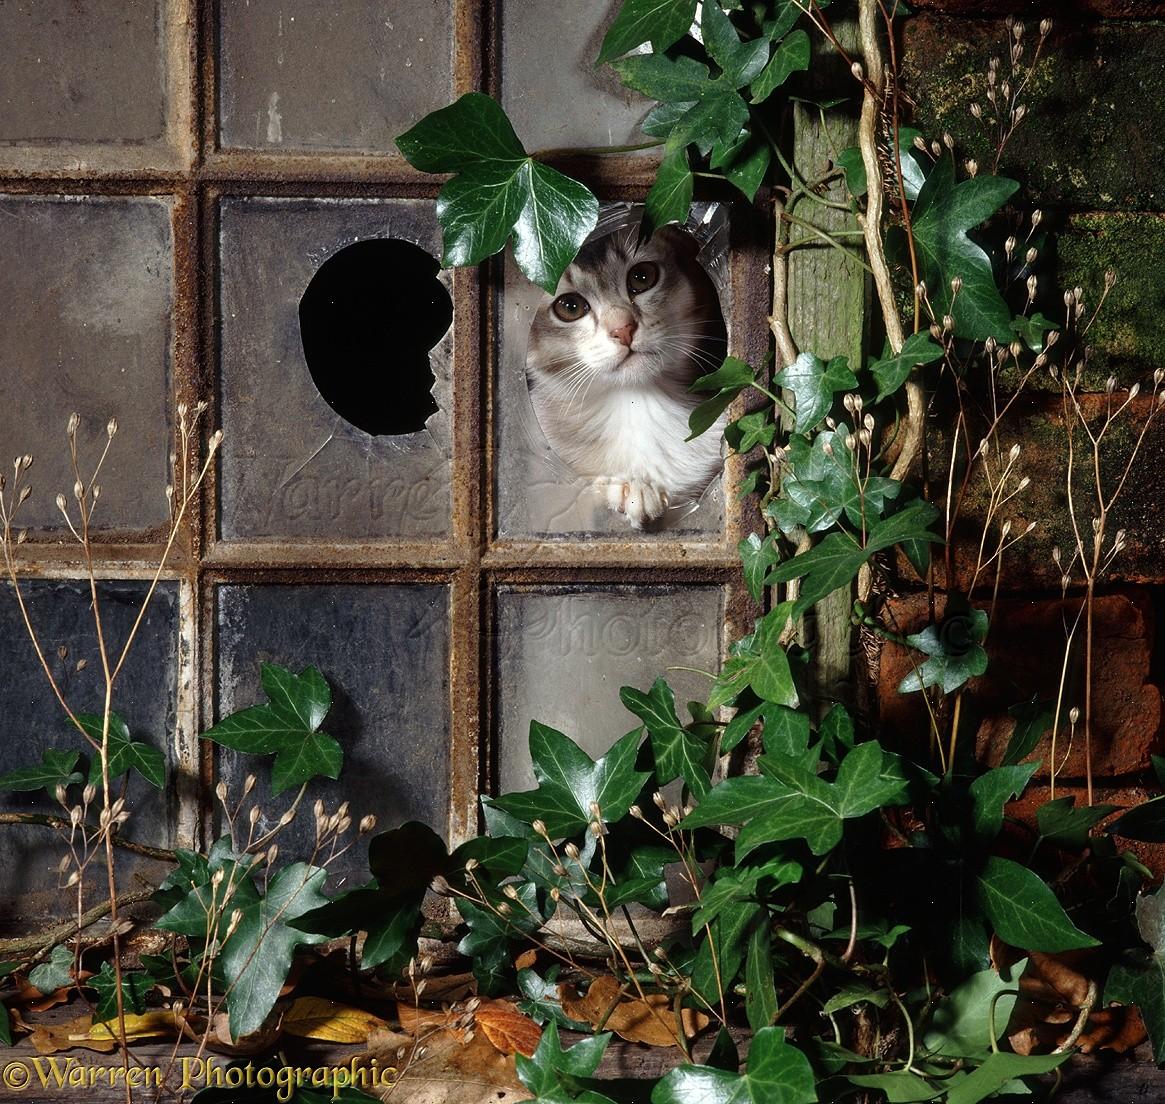 Cat in broken window photo WP18157